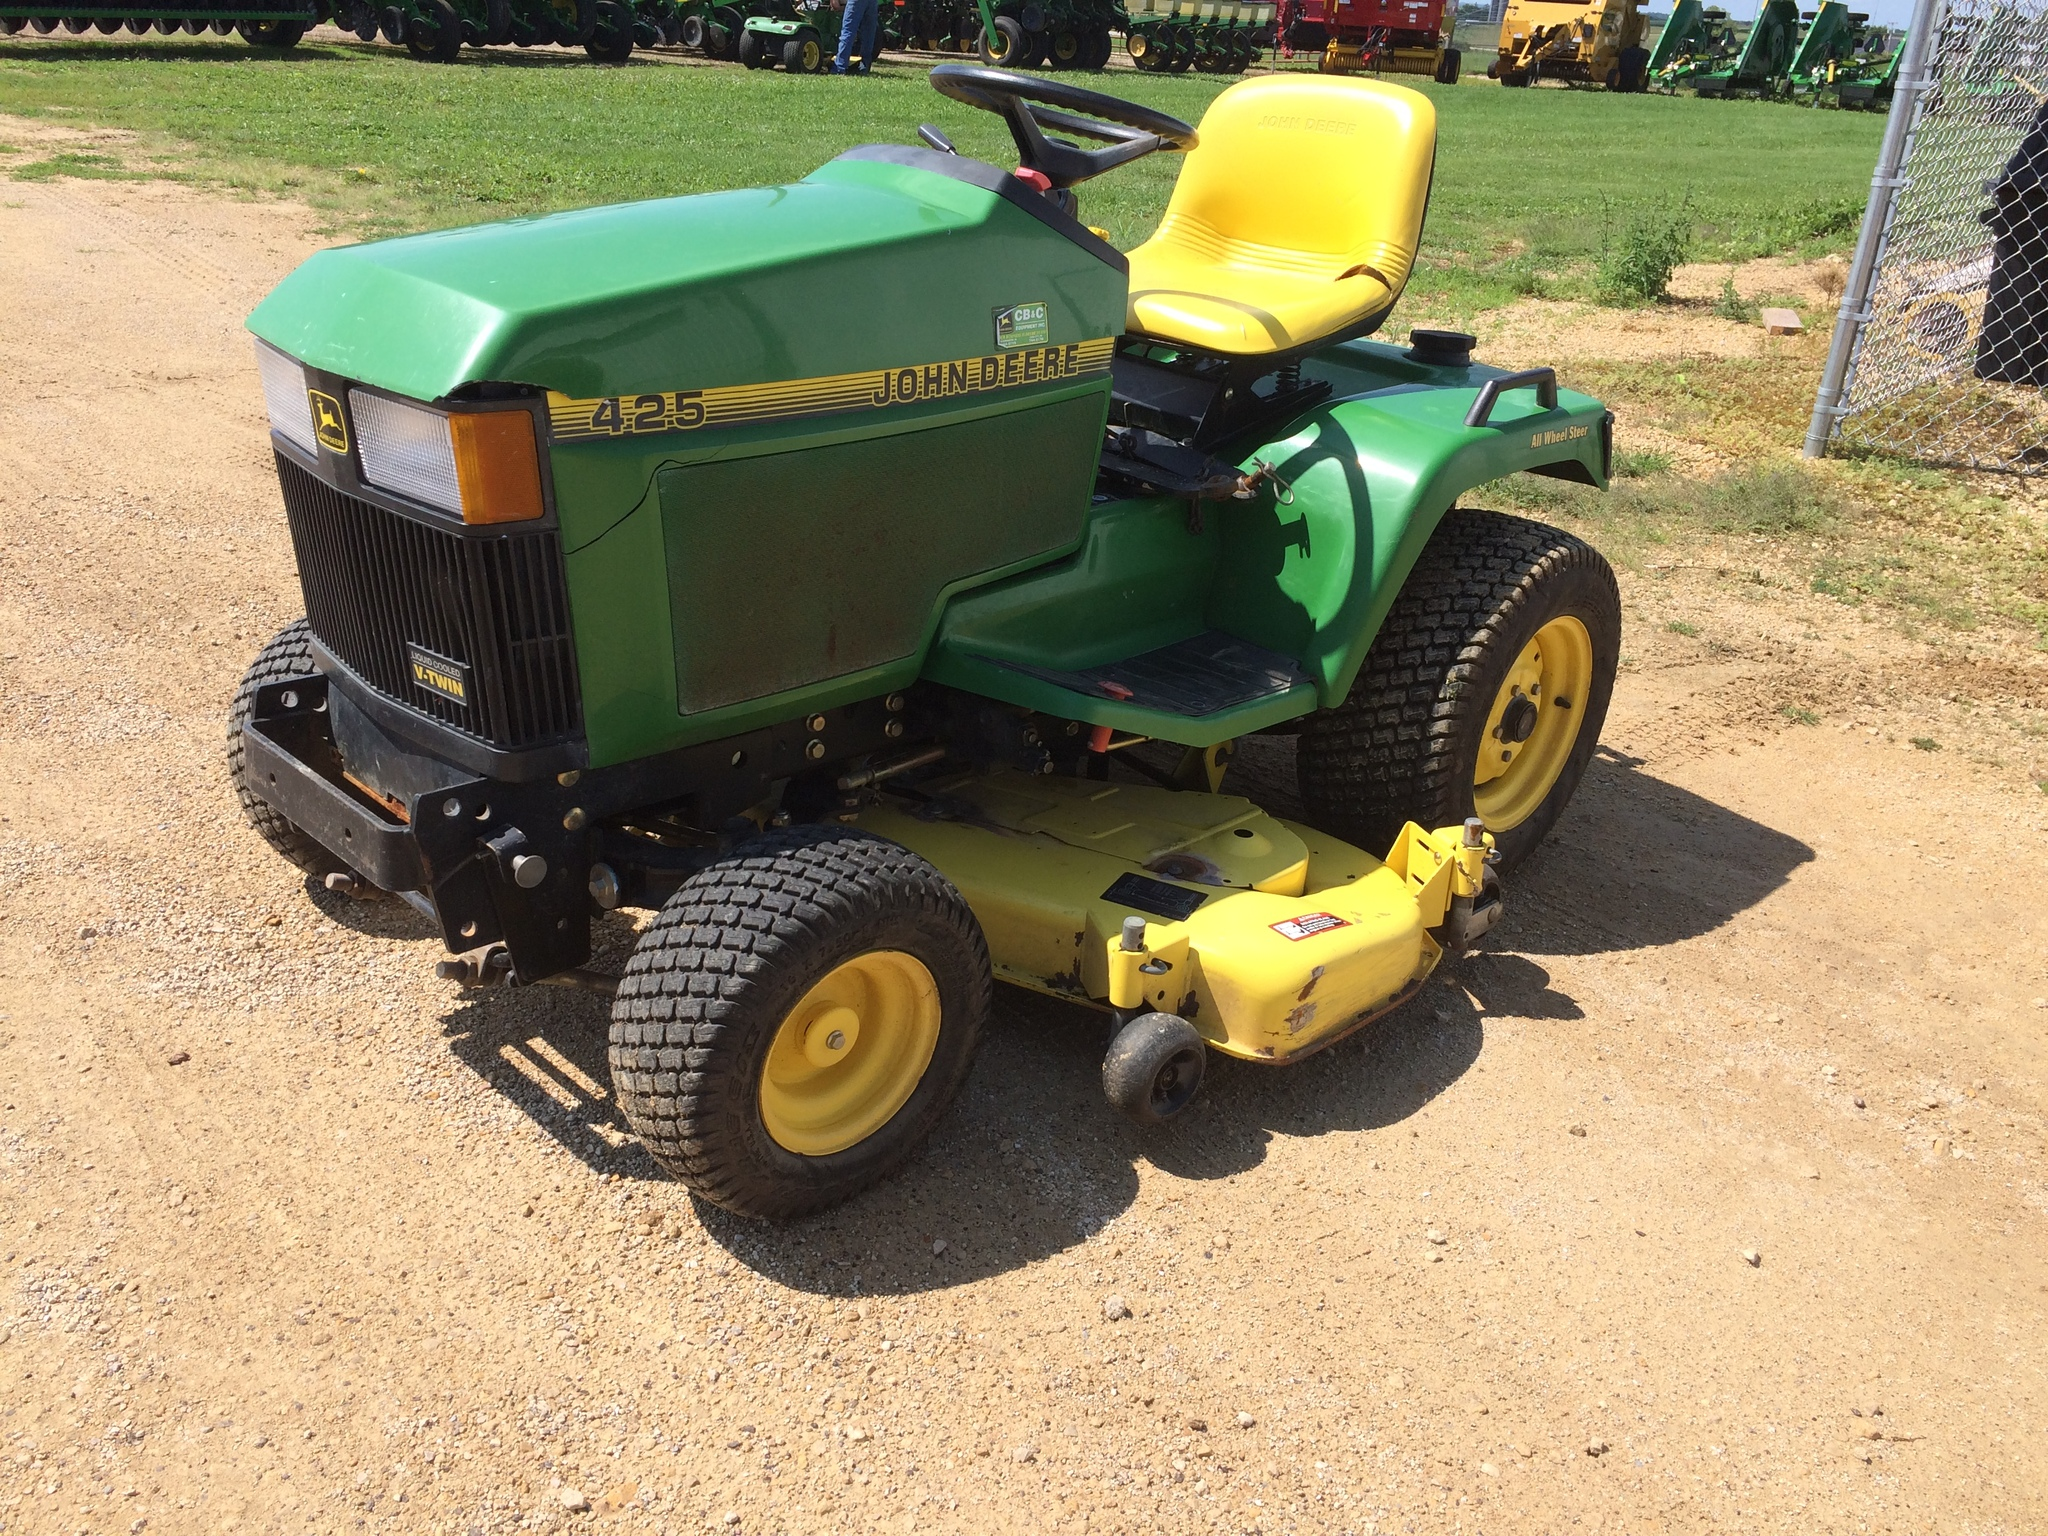 John Deere 425 Tractor Parts : John deere lawn garden tractors for sale